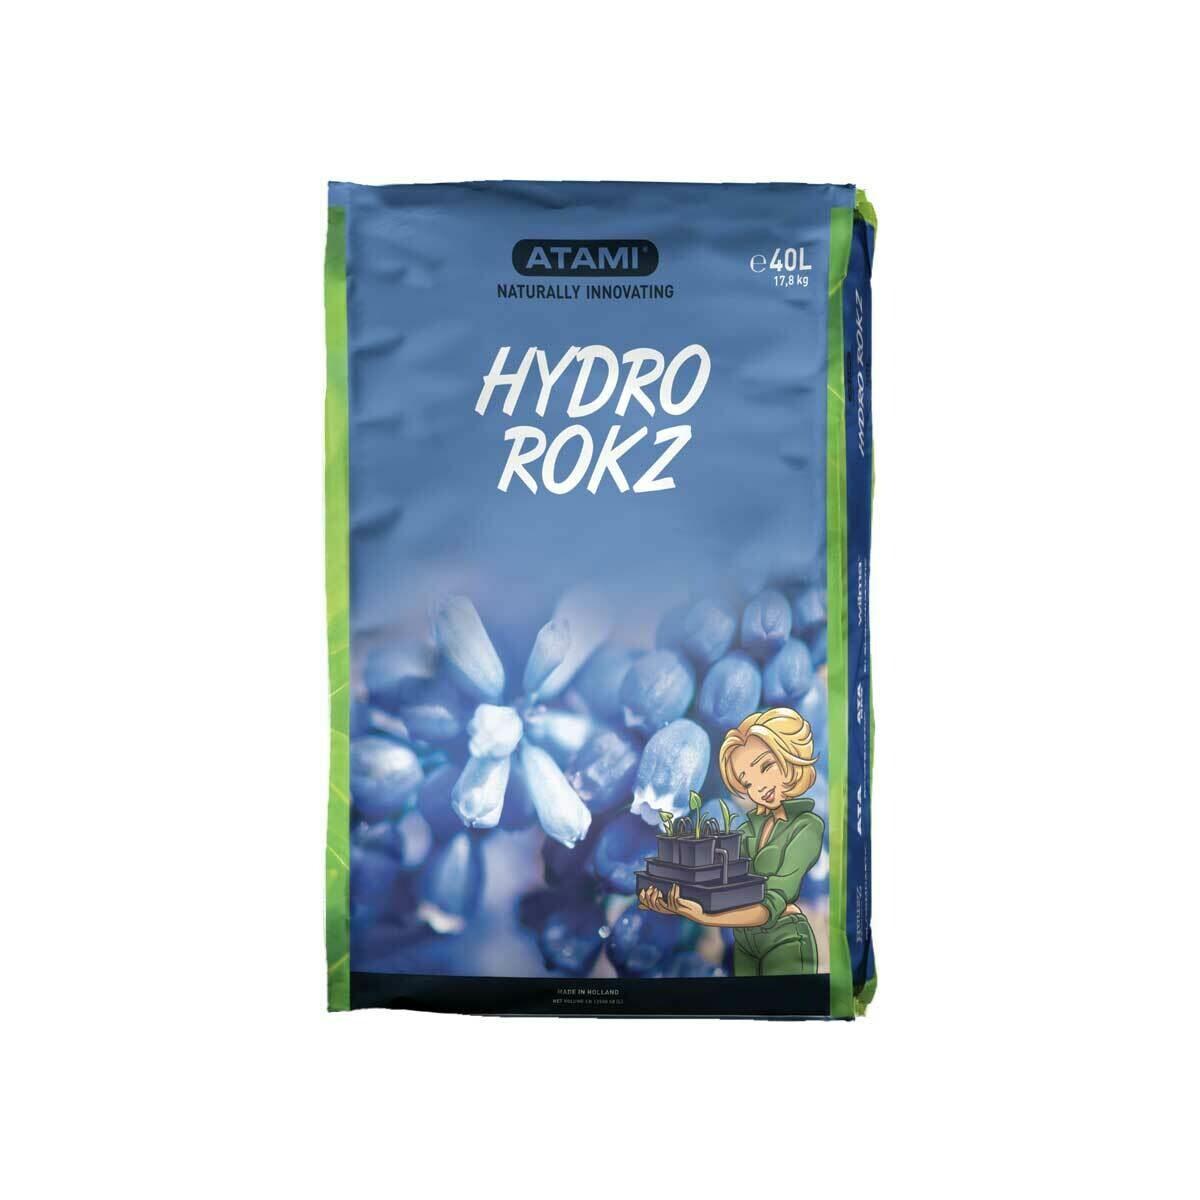 Hydro Rokz